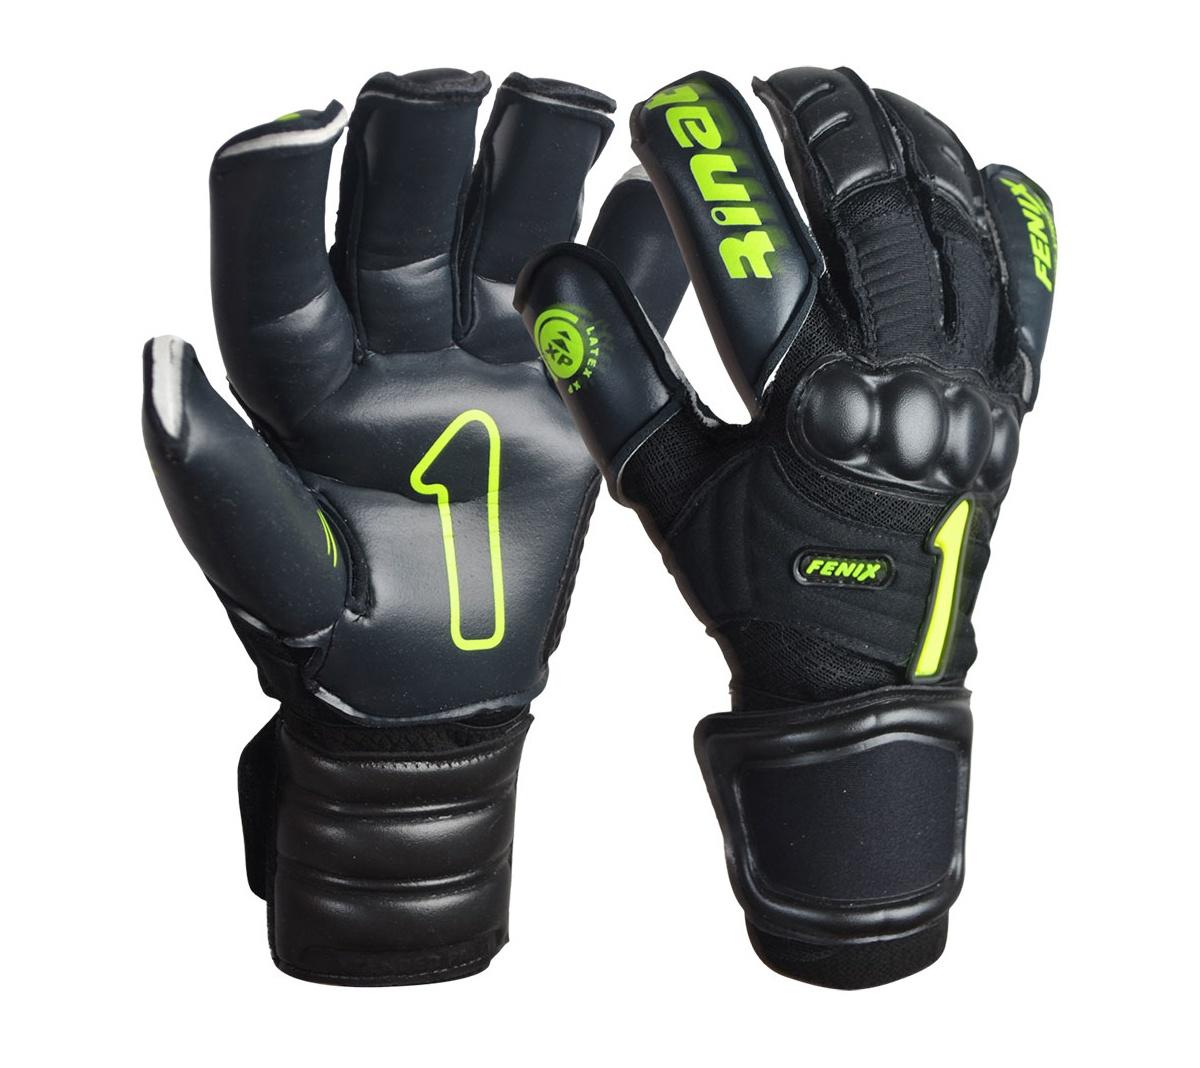 Luva Rinat Fenix Pro XP Pt Vdl - Mundo do Futebol 4fa4aa2b2f4ff